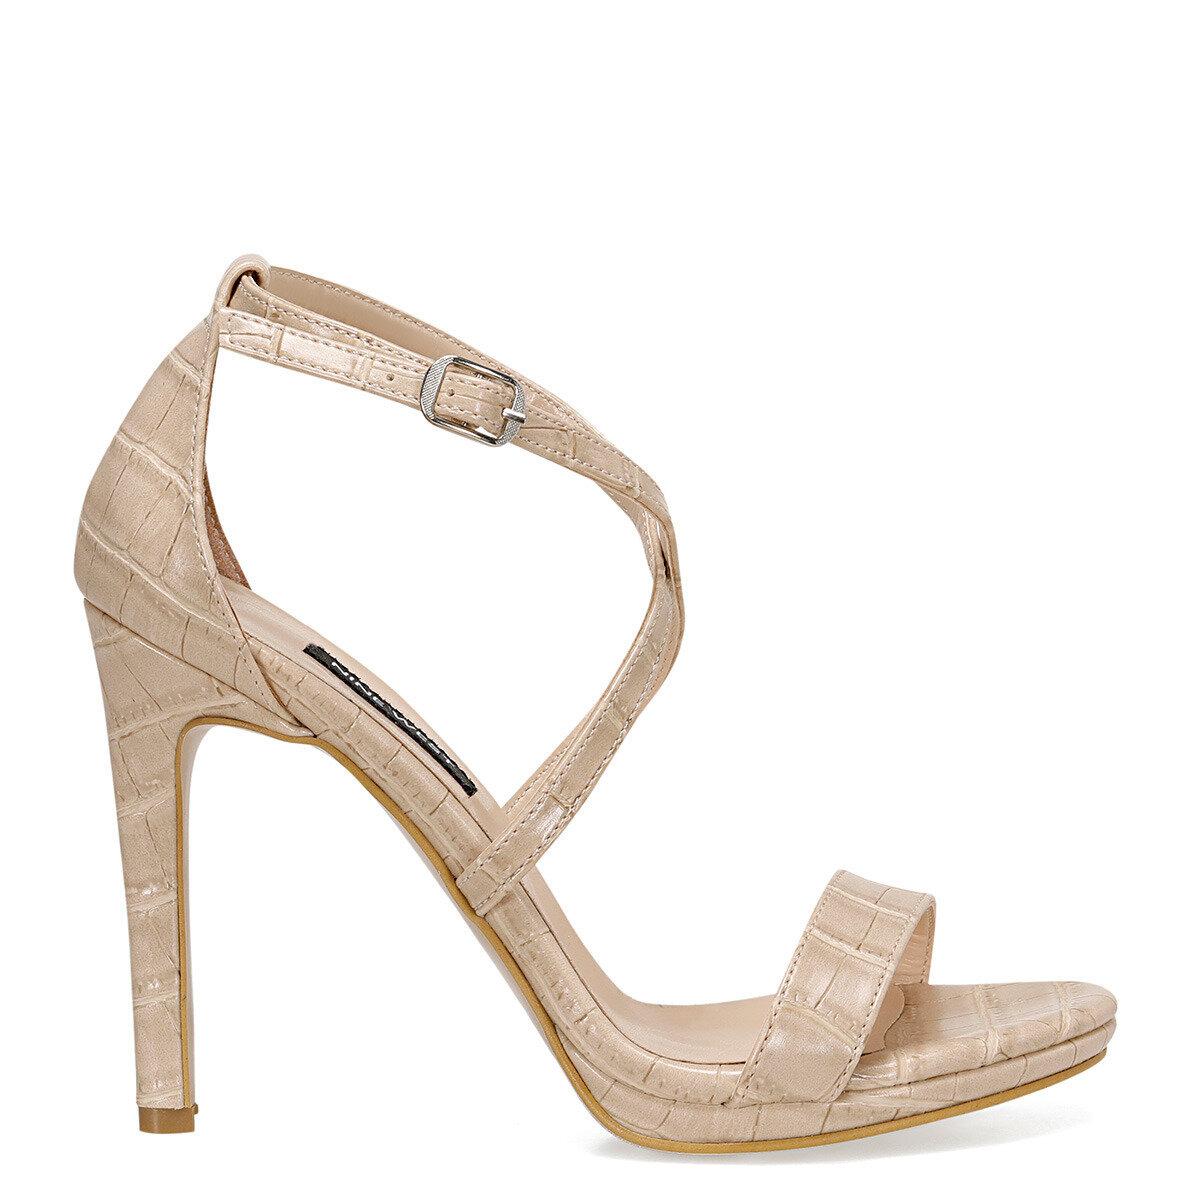 CELAN2 Krem Kadın Topuklu Sandalet